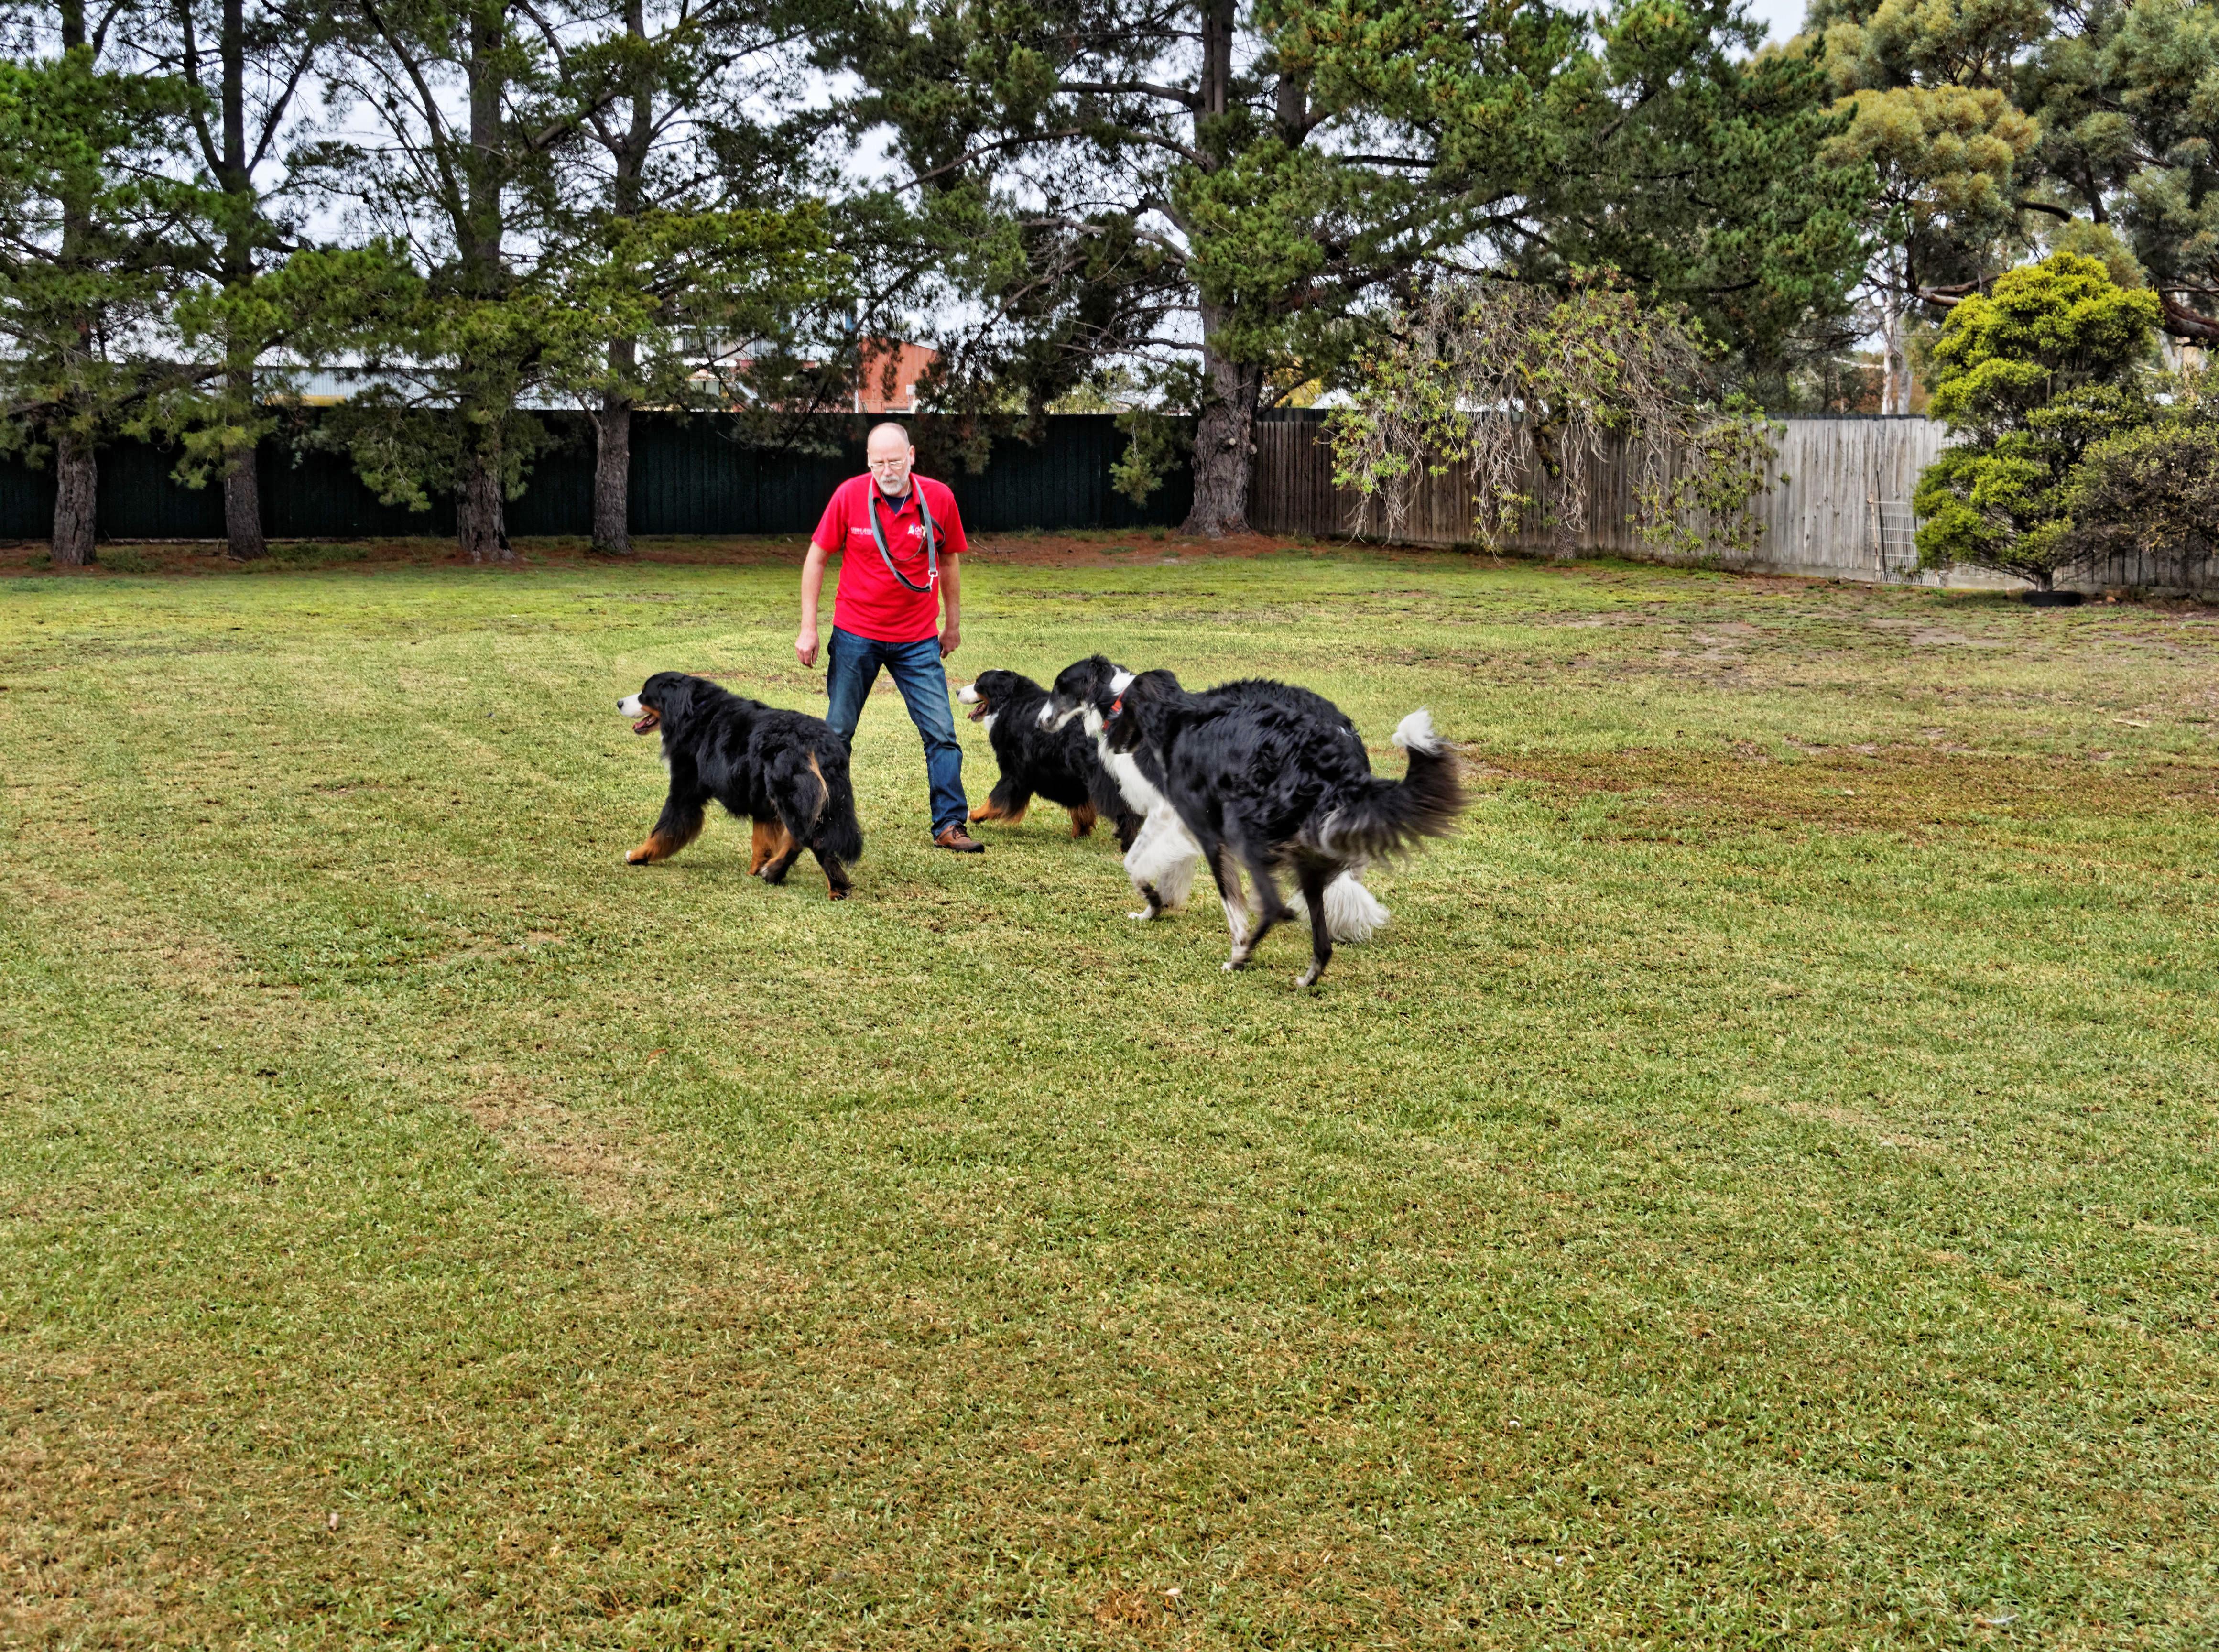 Dogs-playing-11.jpeg